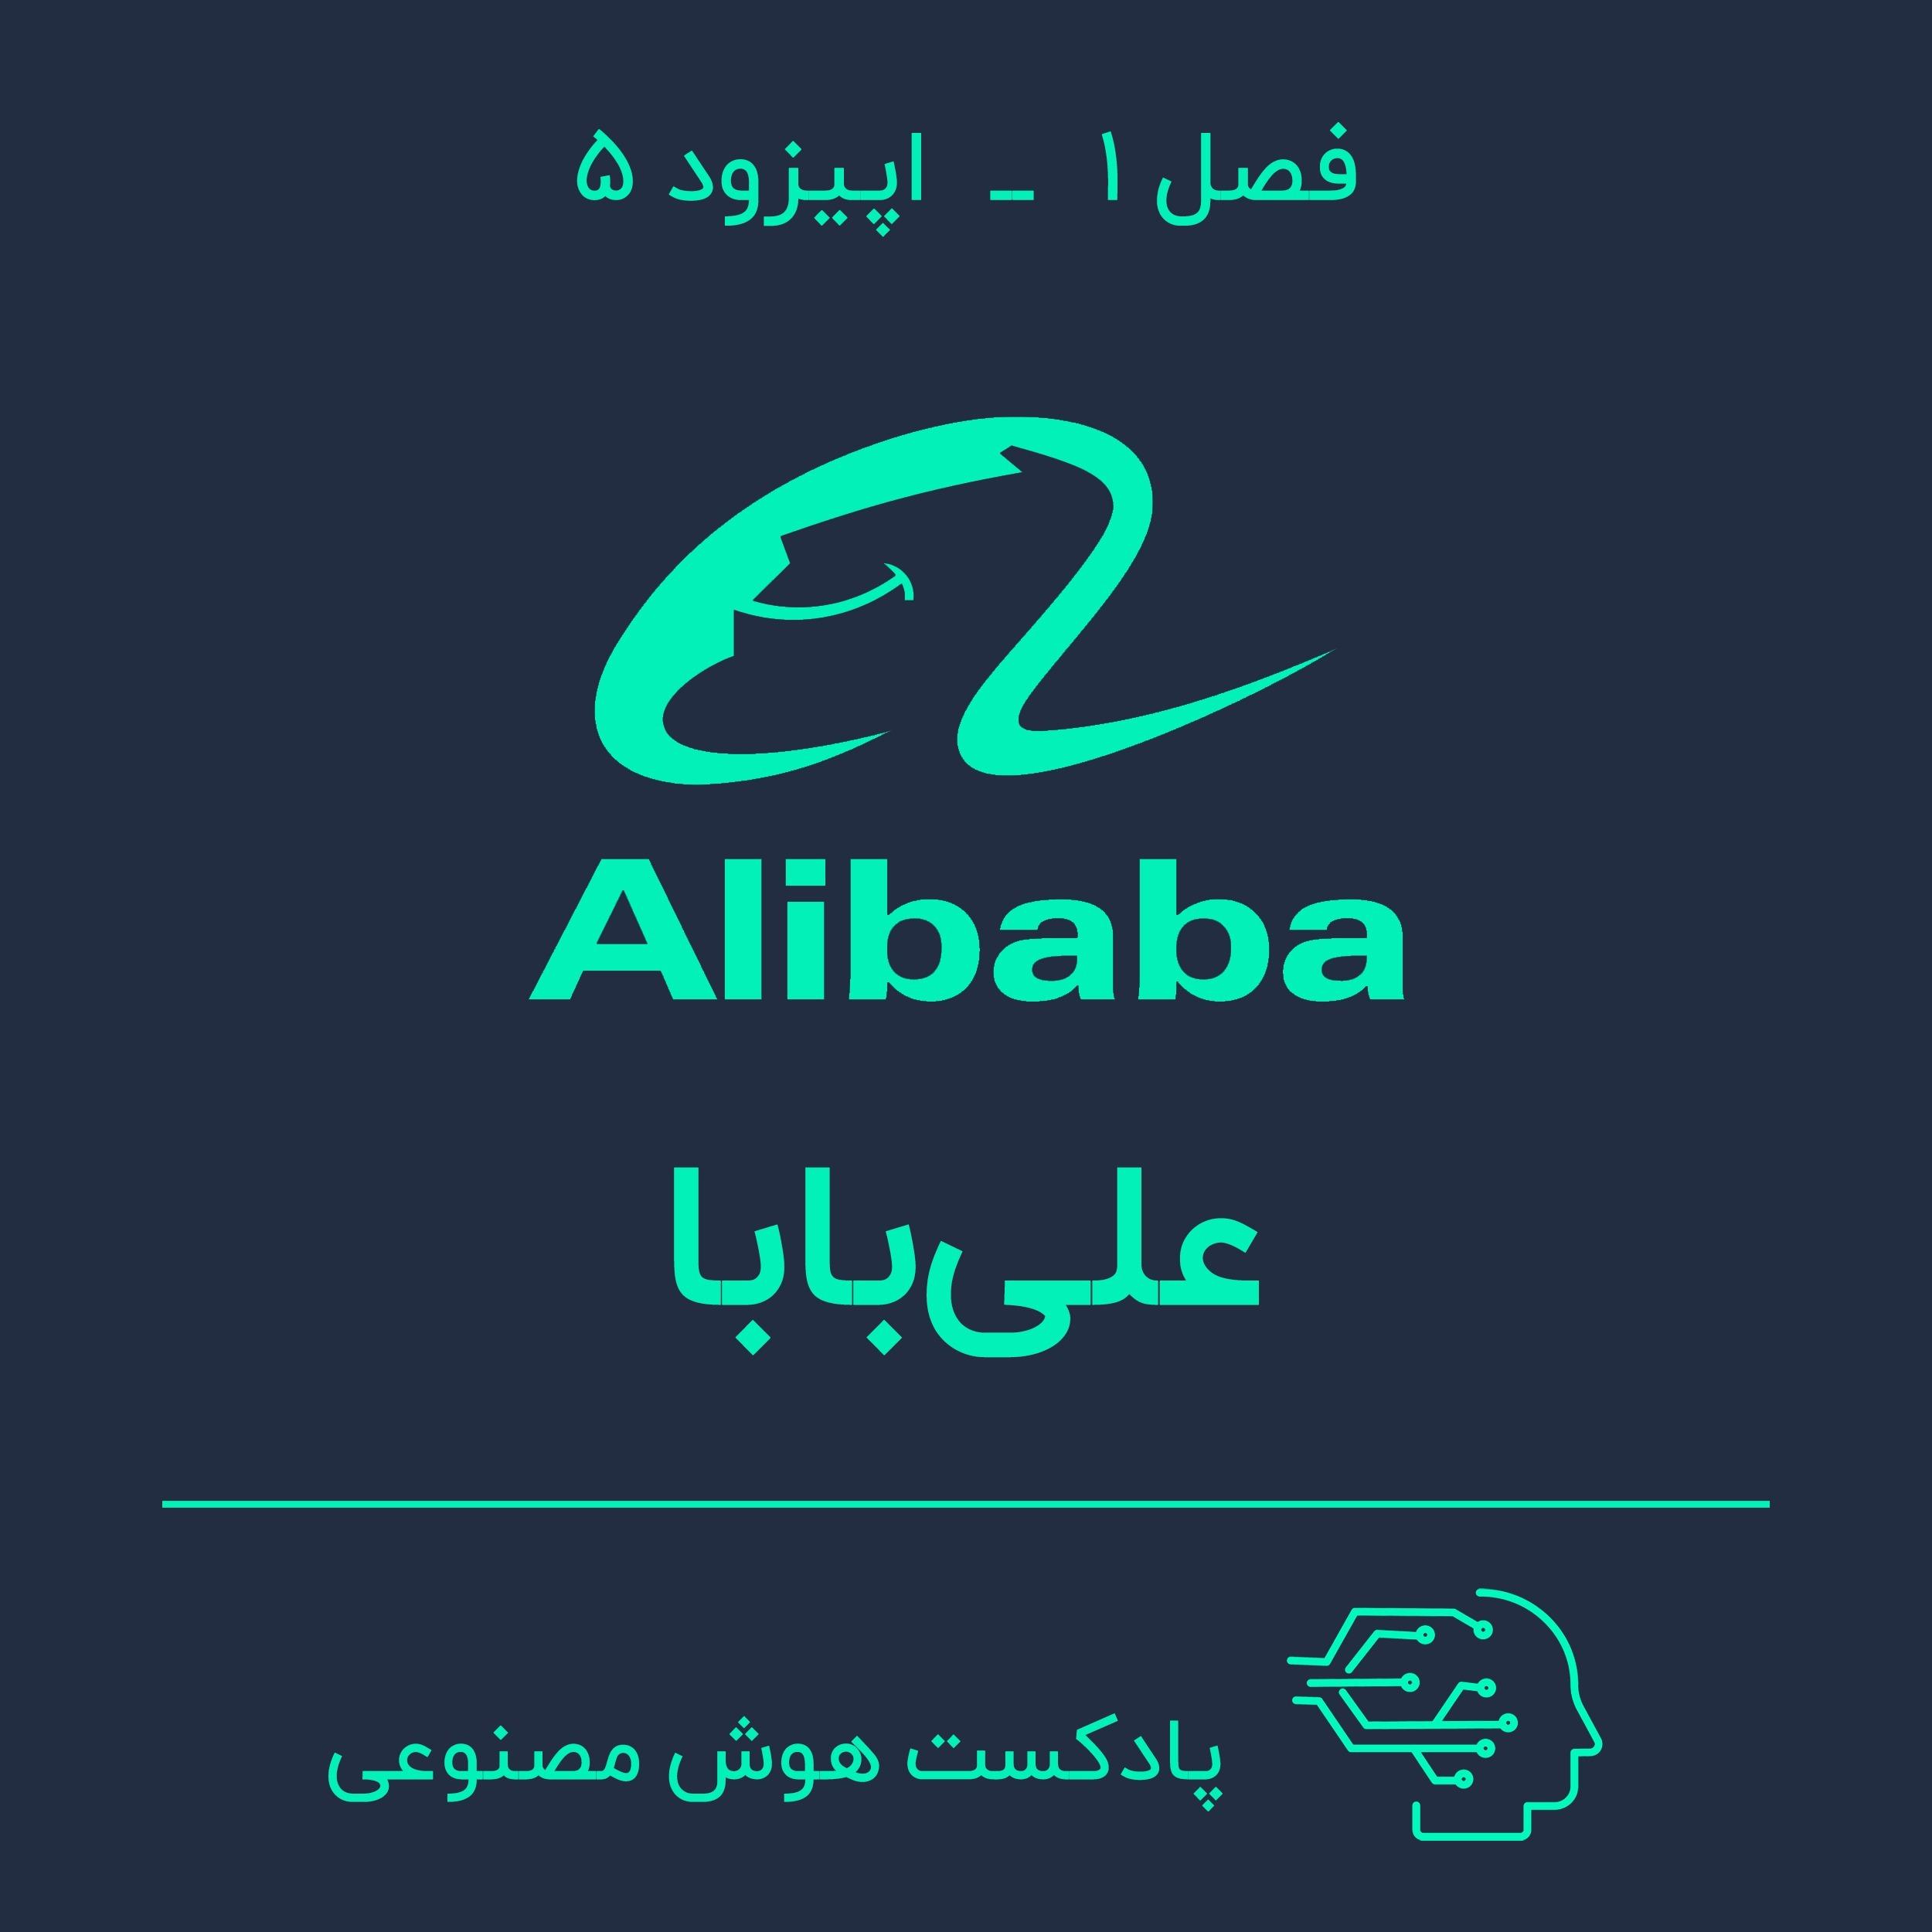 هوش مصنوعی در کسب و کار — بخش پنجم: علیبابا